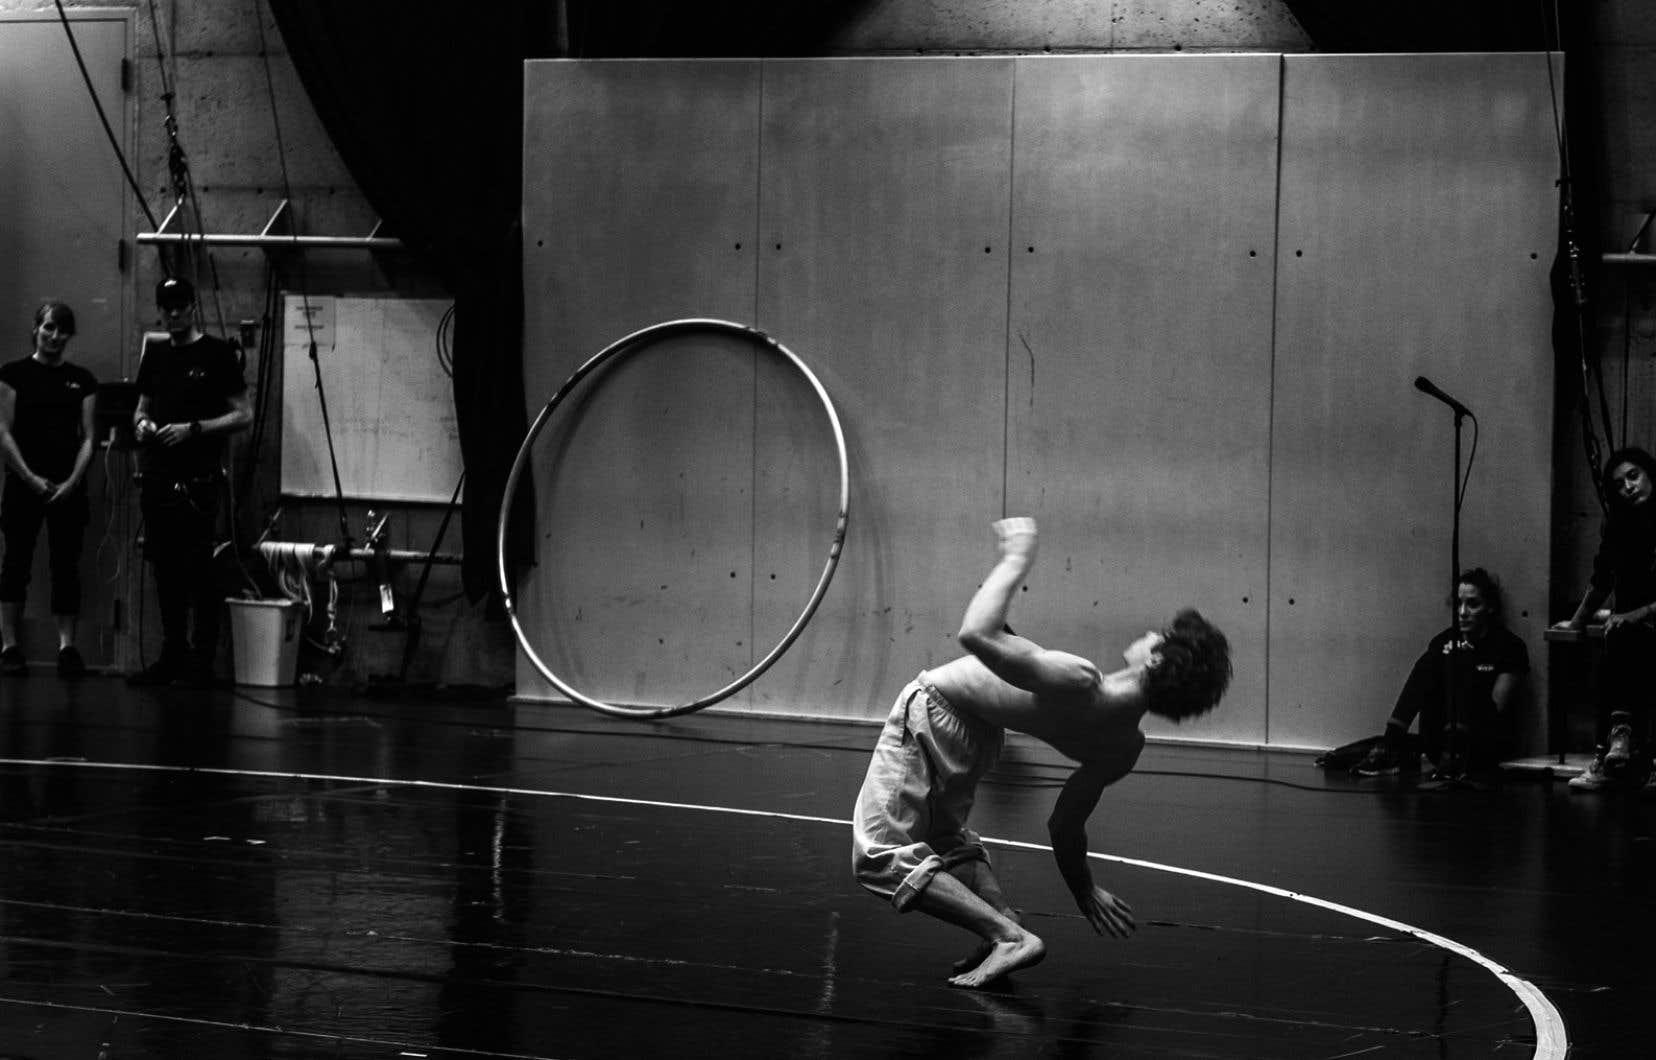 École nationale de cirque